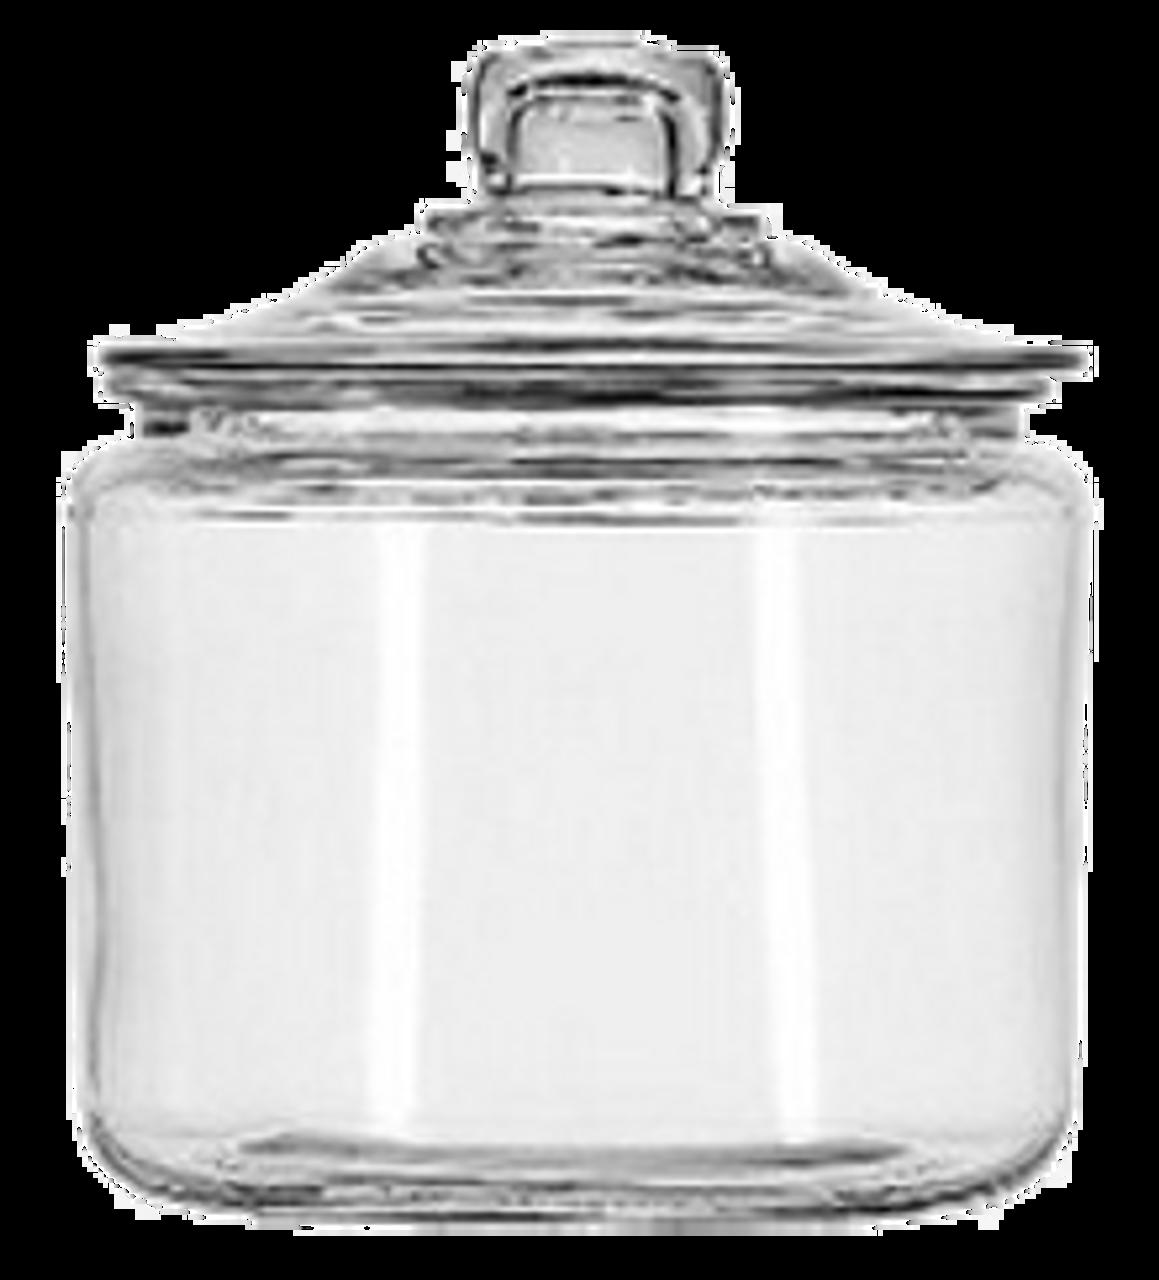 Biscotti Jar, 3 Quart